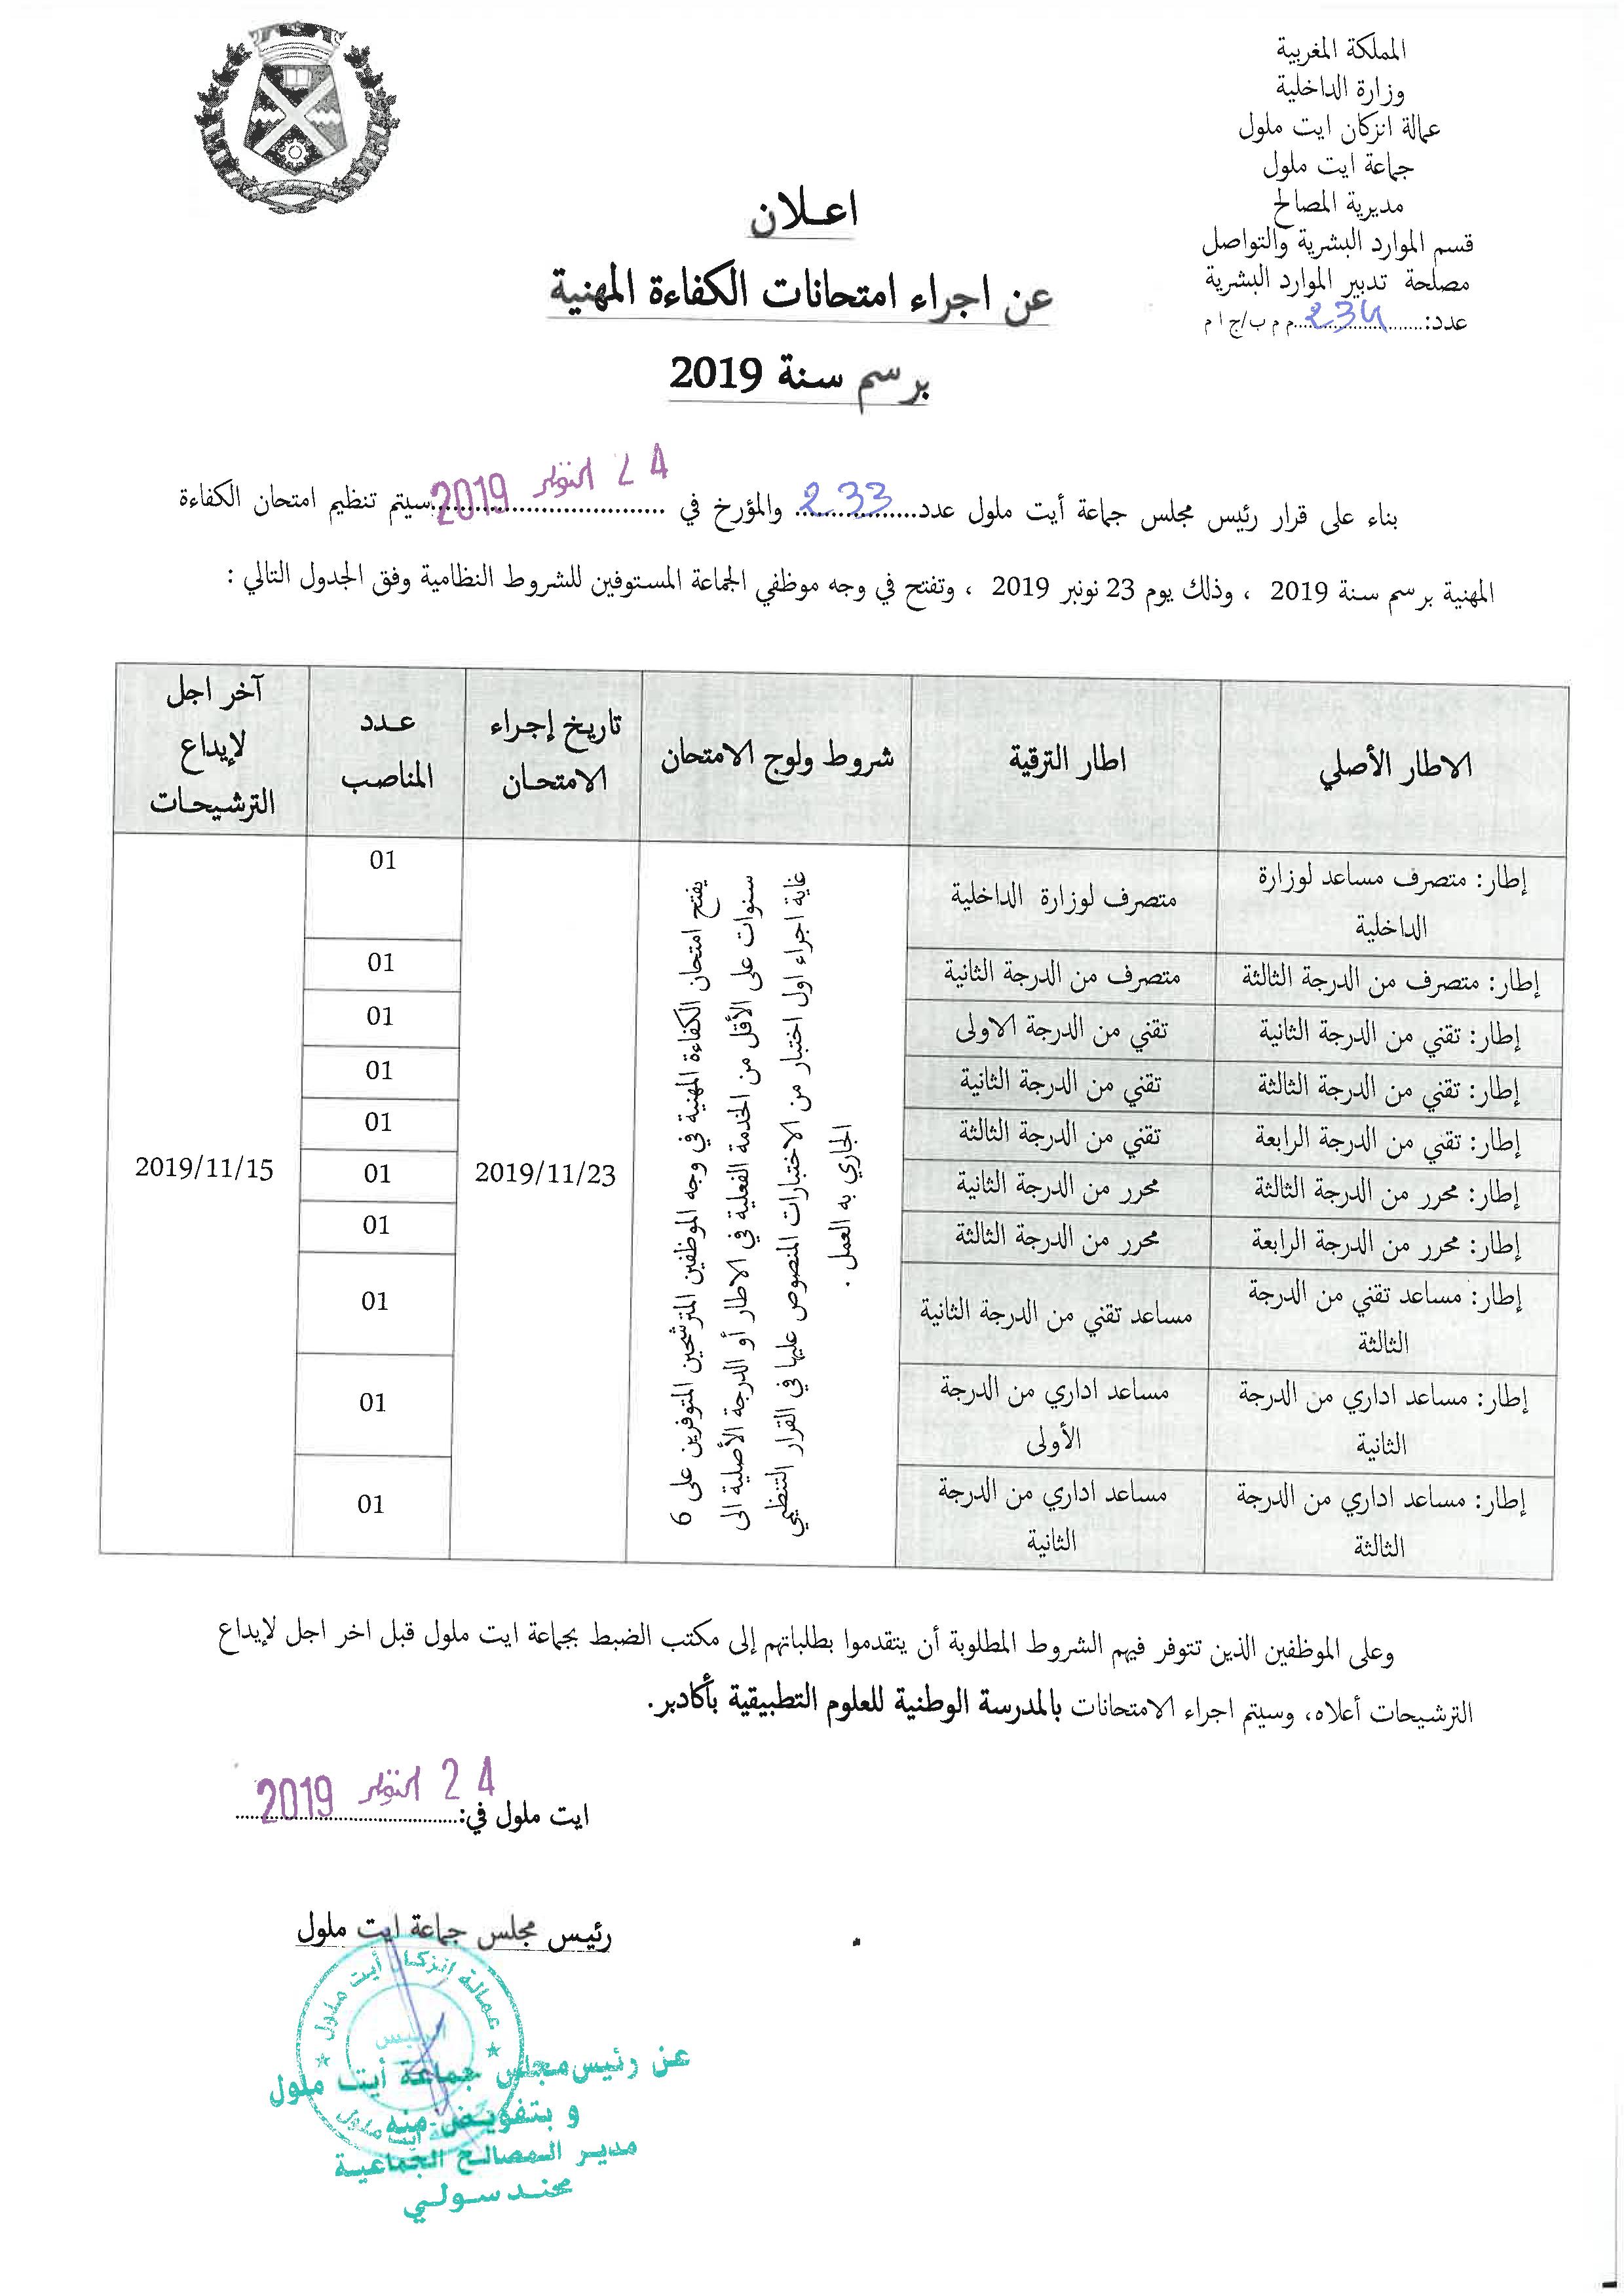 إعلان عن إجراء إمتحانات الكفاءة المهنية برسم سنة 2019